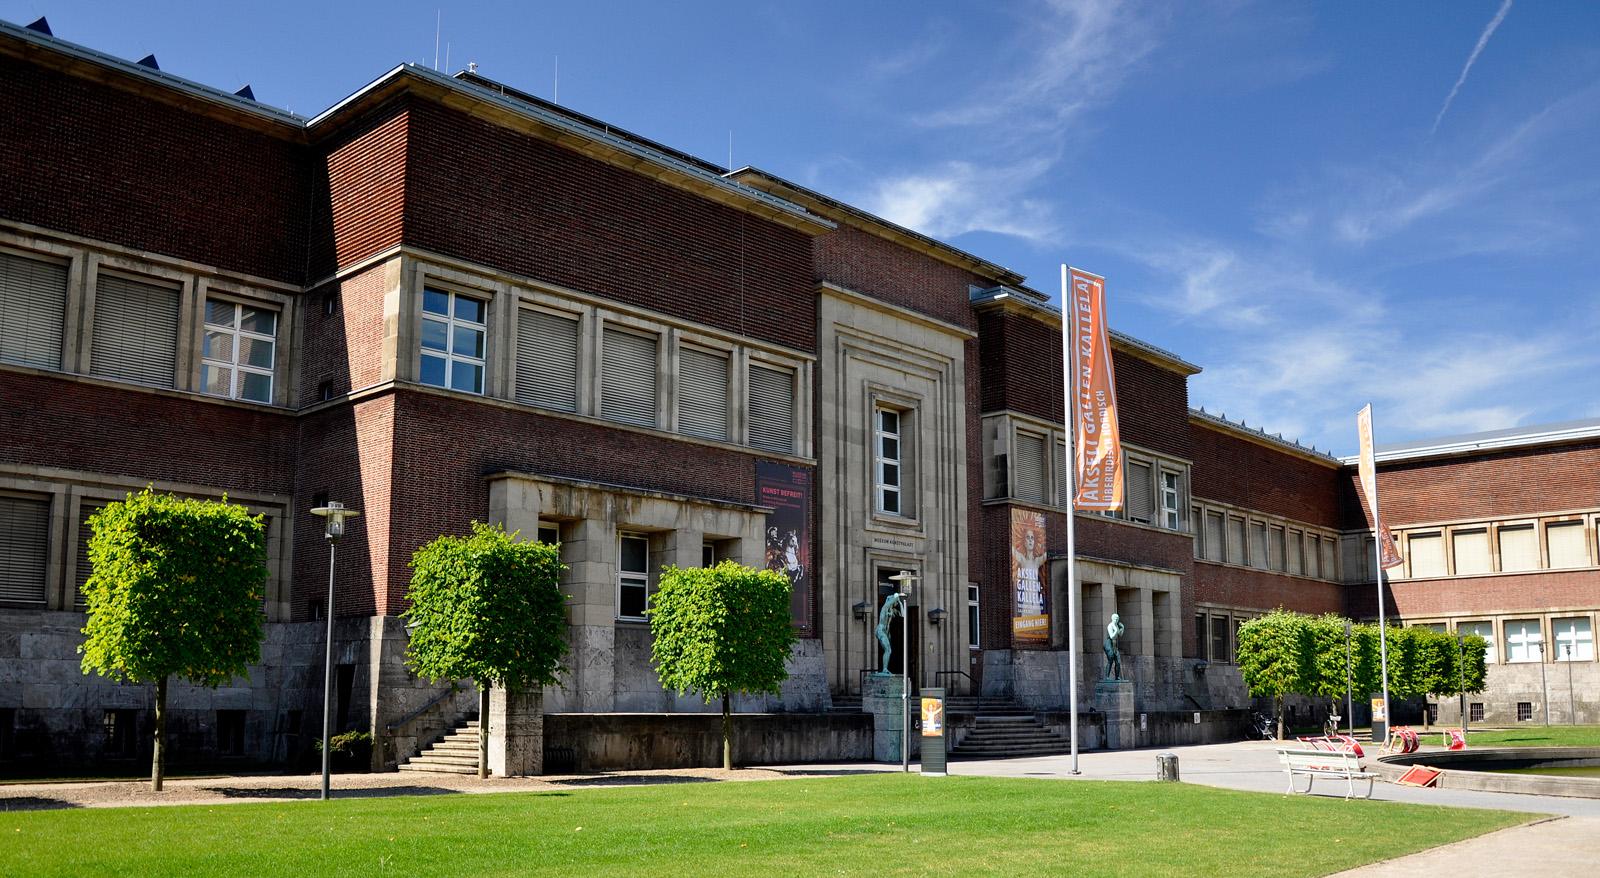 Stiftung Museum Kunstpalast Düsseldorf ArtJunk